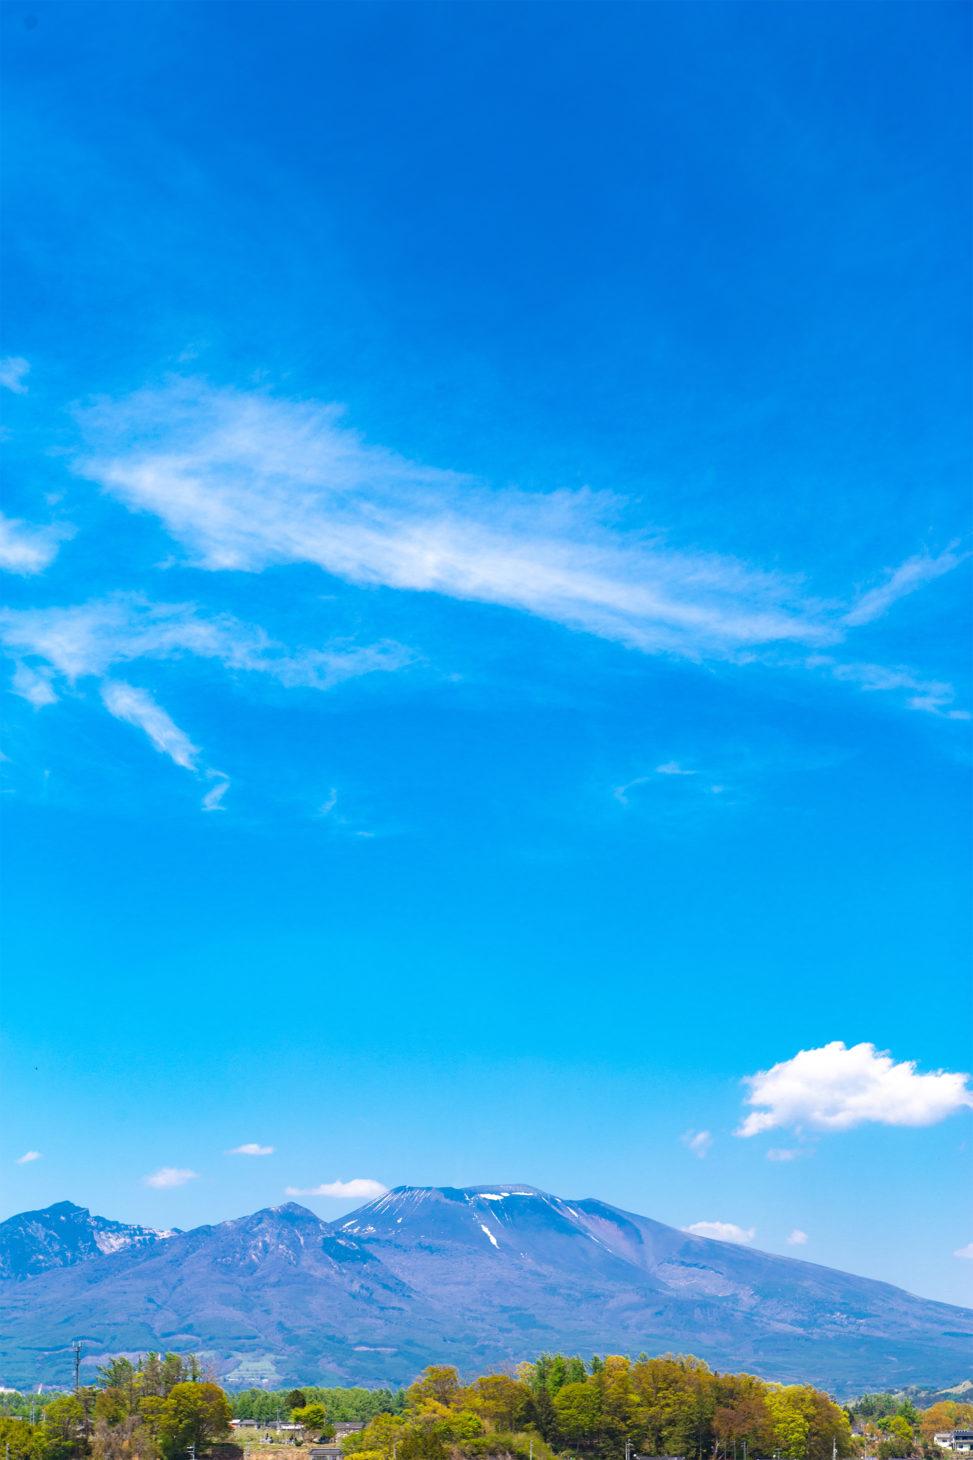 青空と浅間山の風景02の写真素材